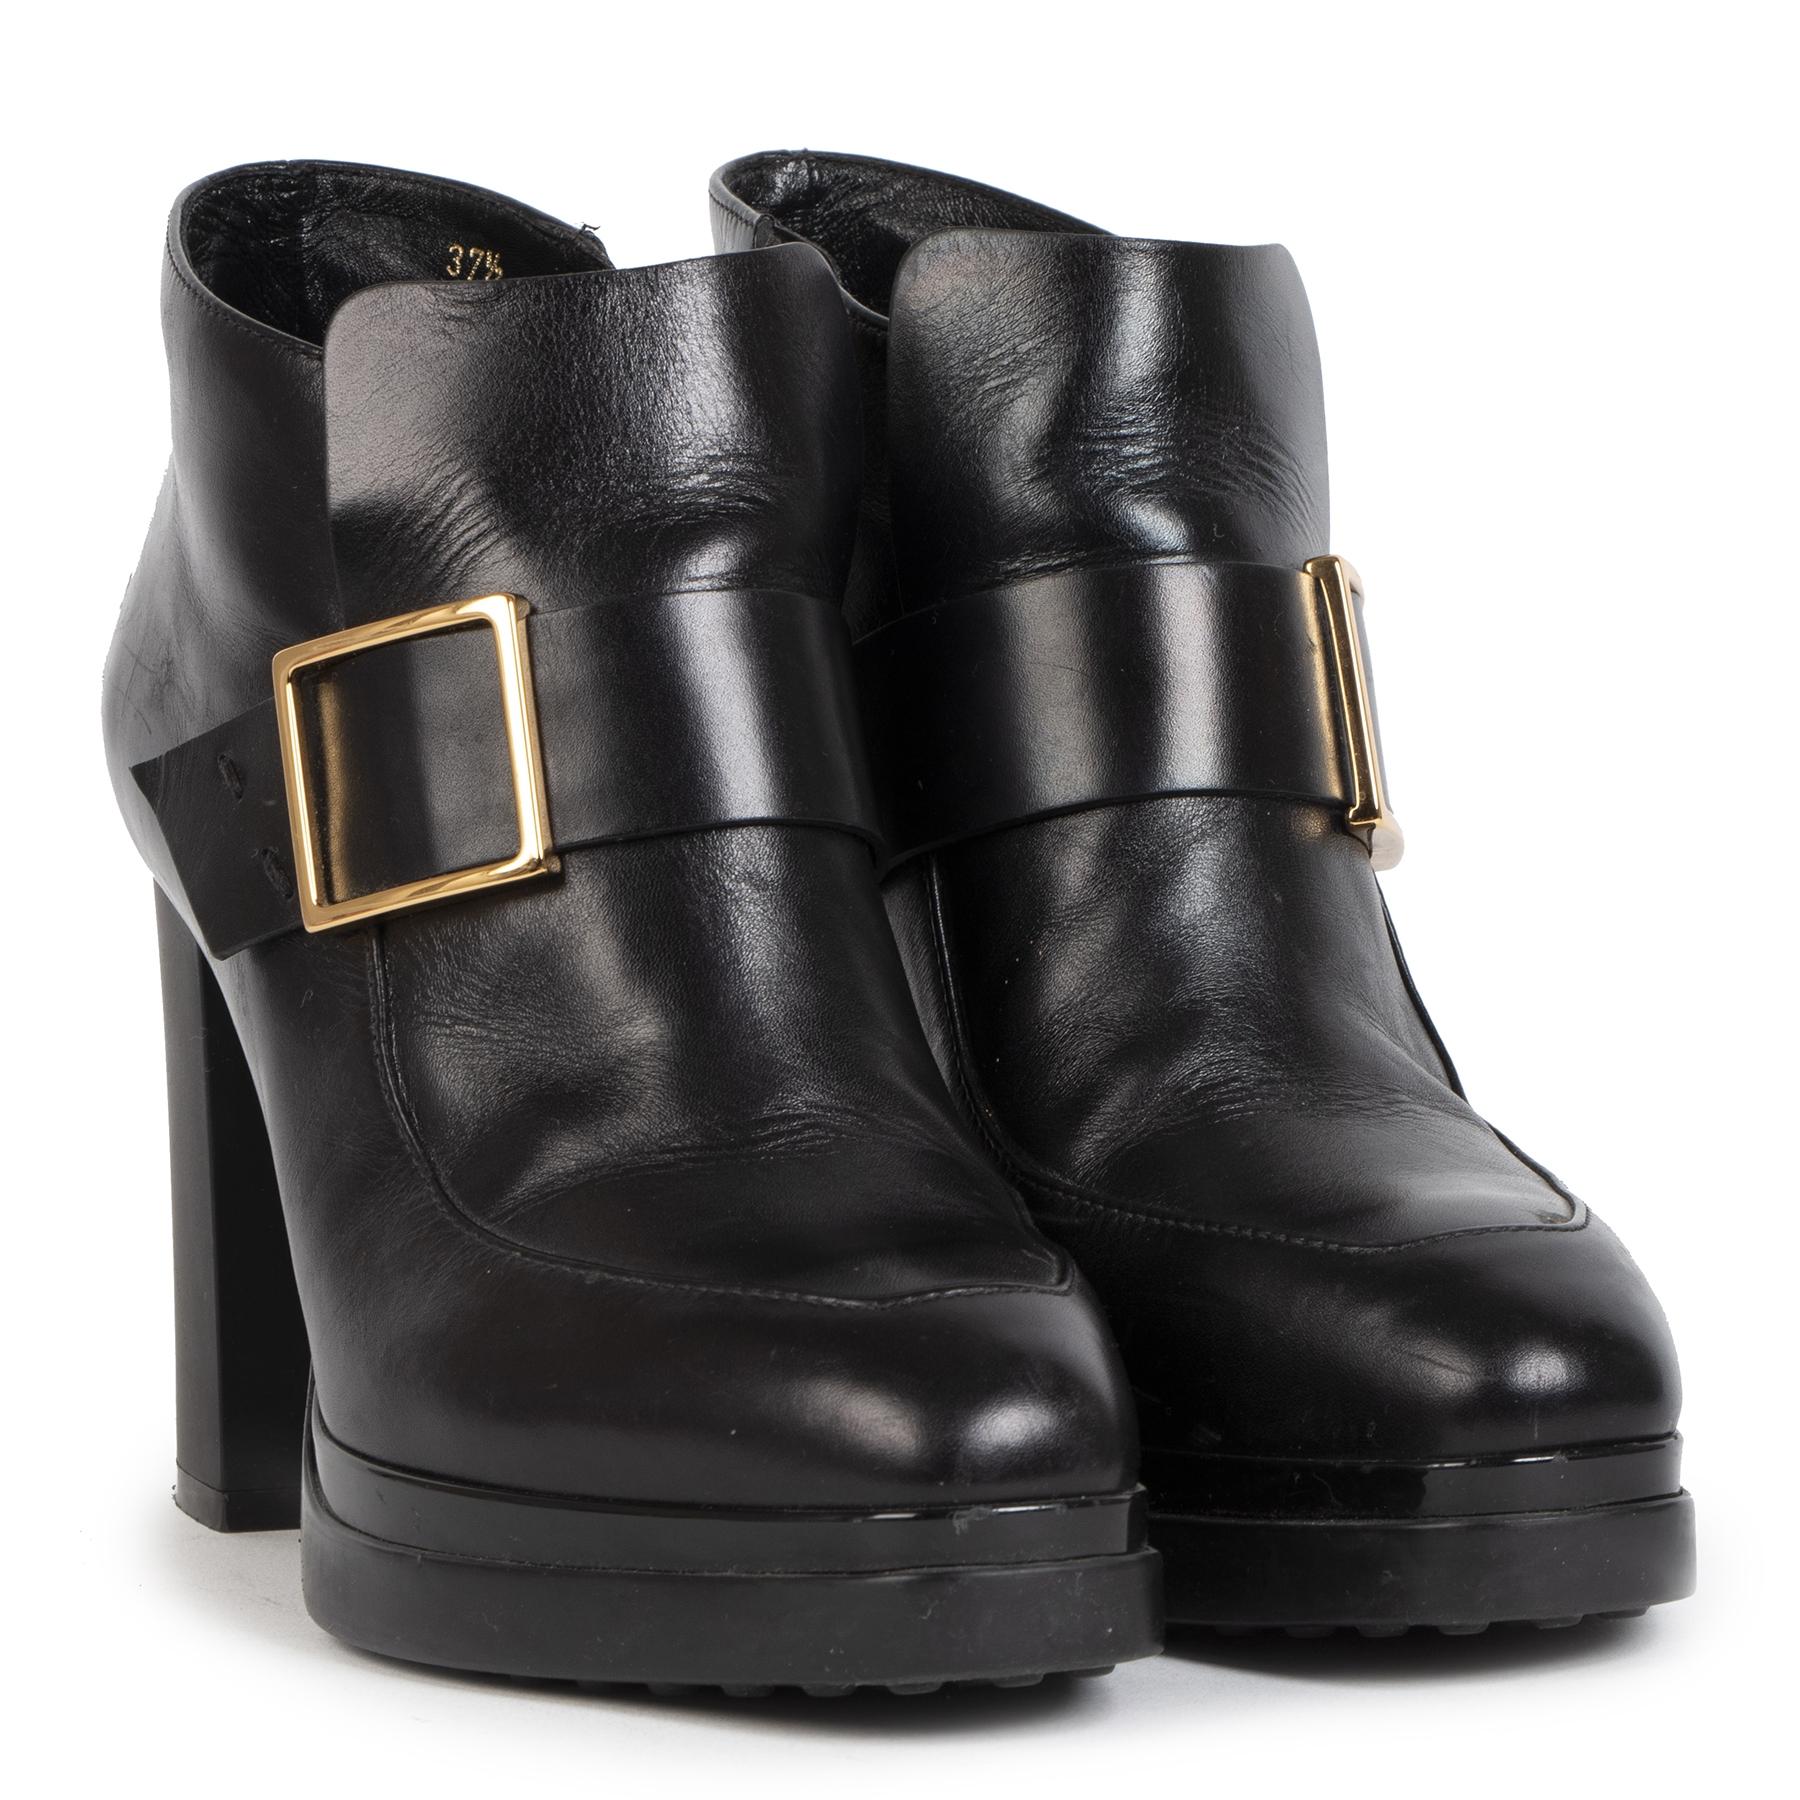 Authentieke tweedehands Tod's Black Ankle Boots - Size 37.5 juiste prijs veilig online winkelen LAbelLOV webshop luxe merken winkelen Antwerpen België mode fashion